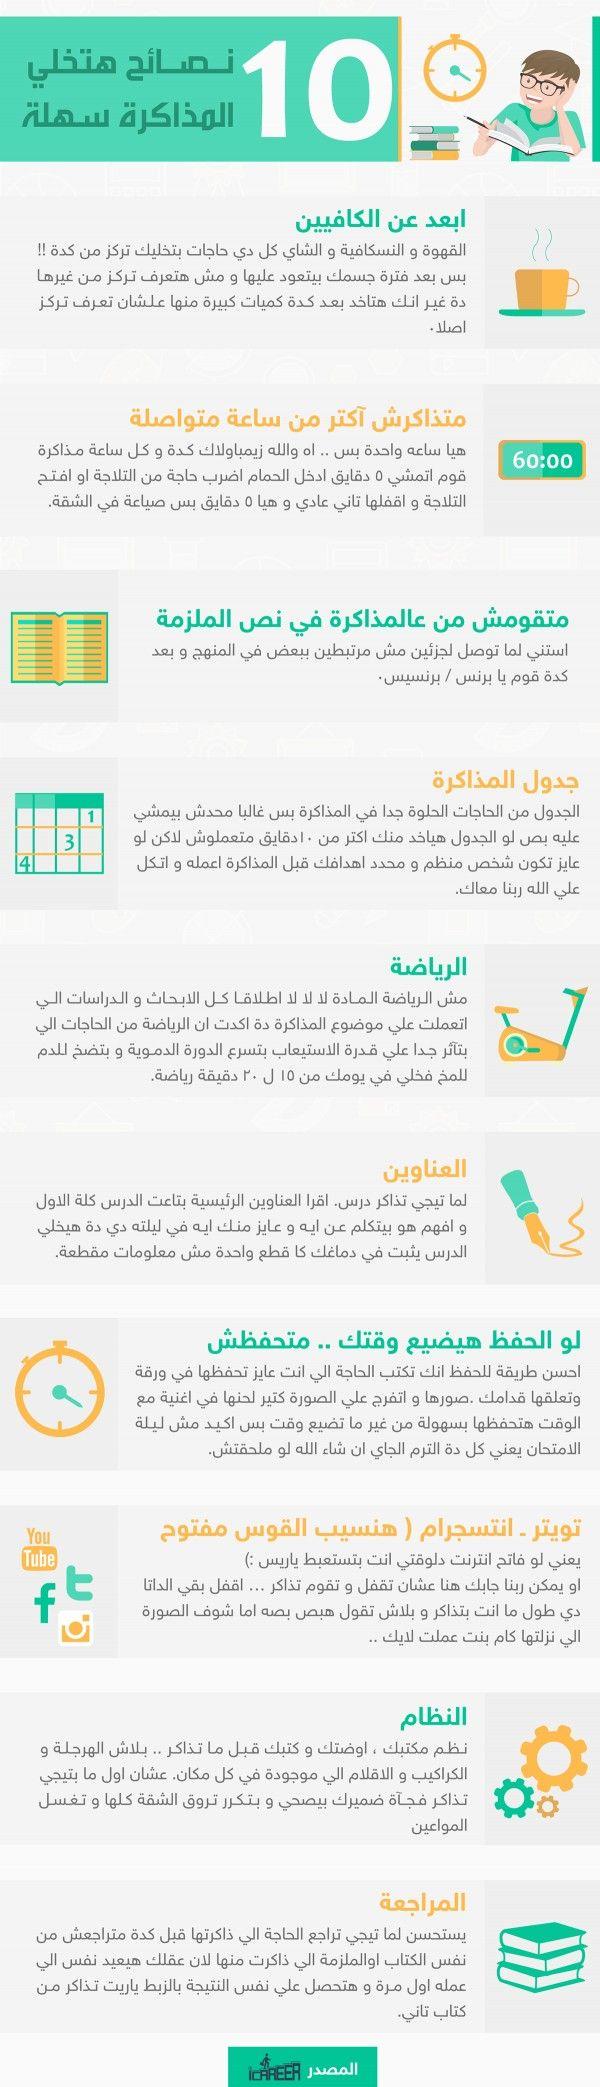 انفوجرافيك 10 نصائح هتخلي المذاكرة سهلة Life Skills Positive Life Infographic